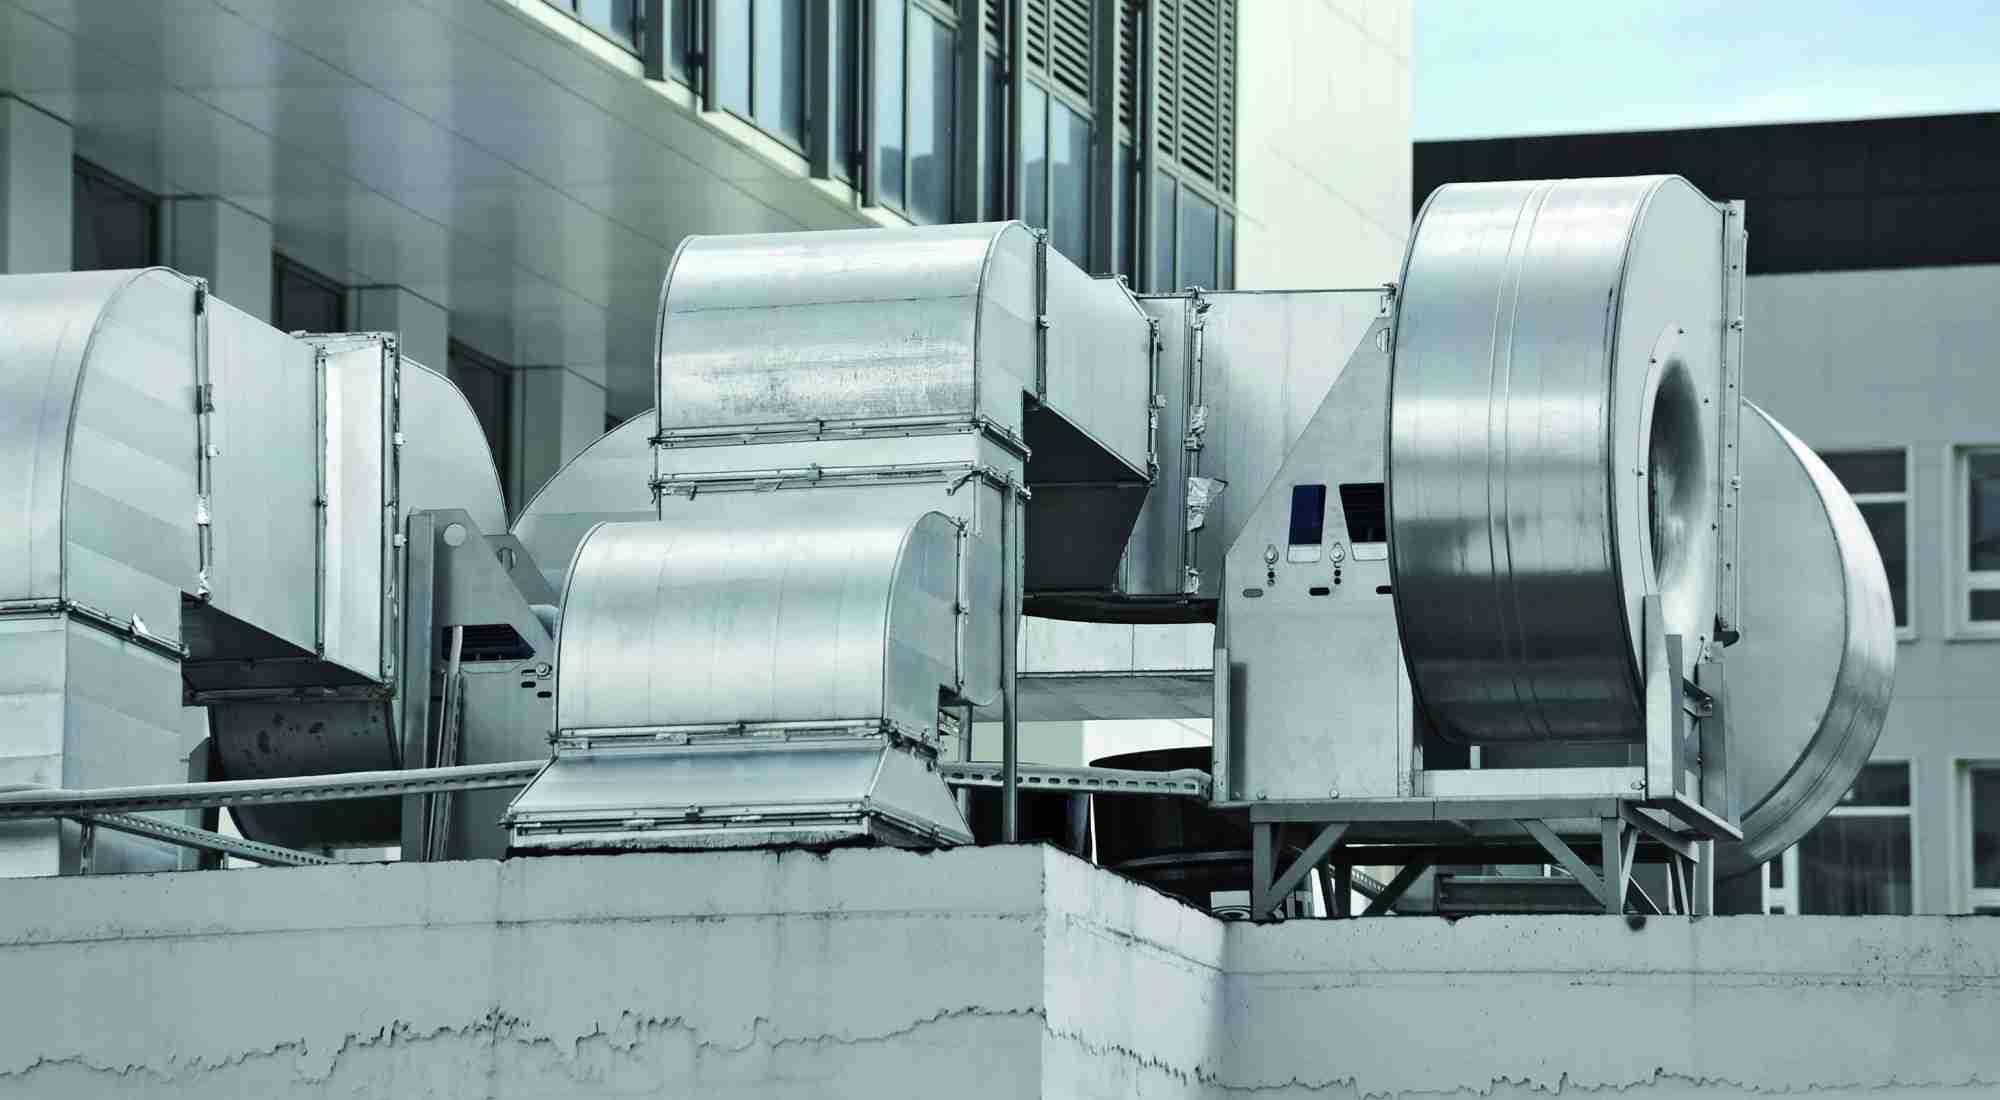 Chauffage industriel : Une économie d'énergie redoutable ?